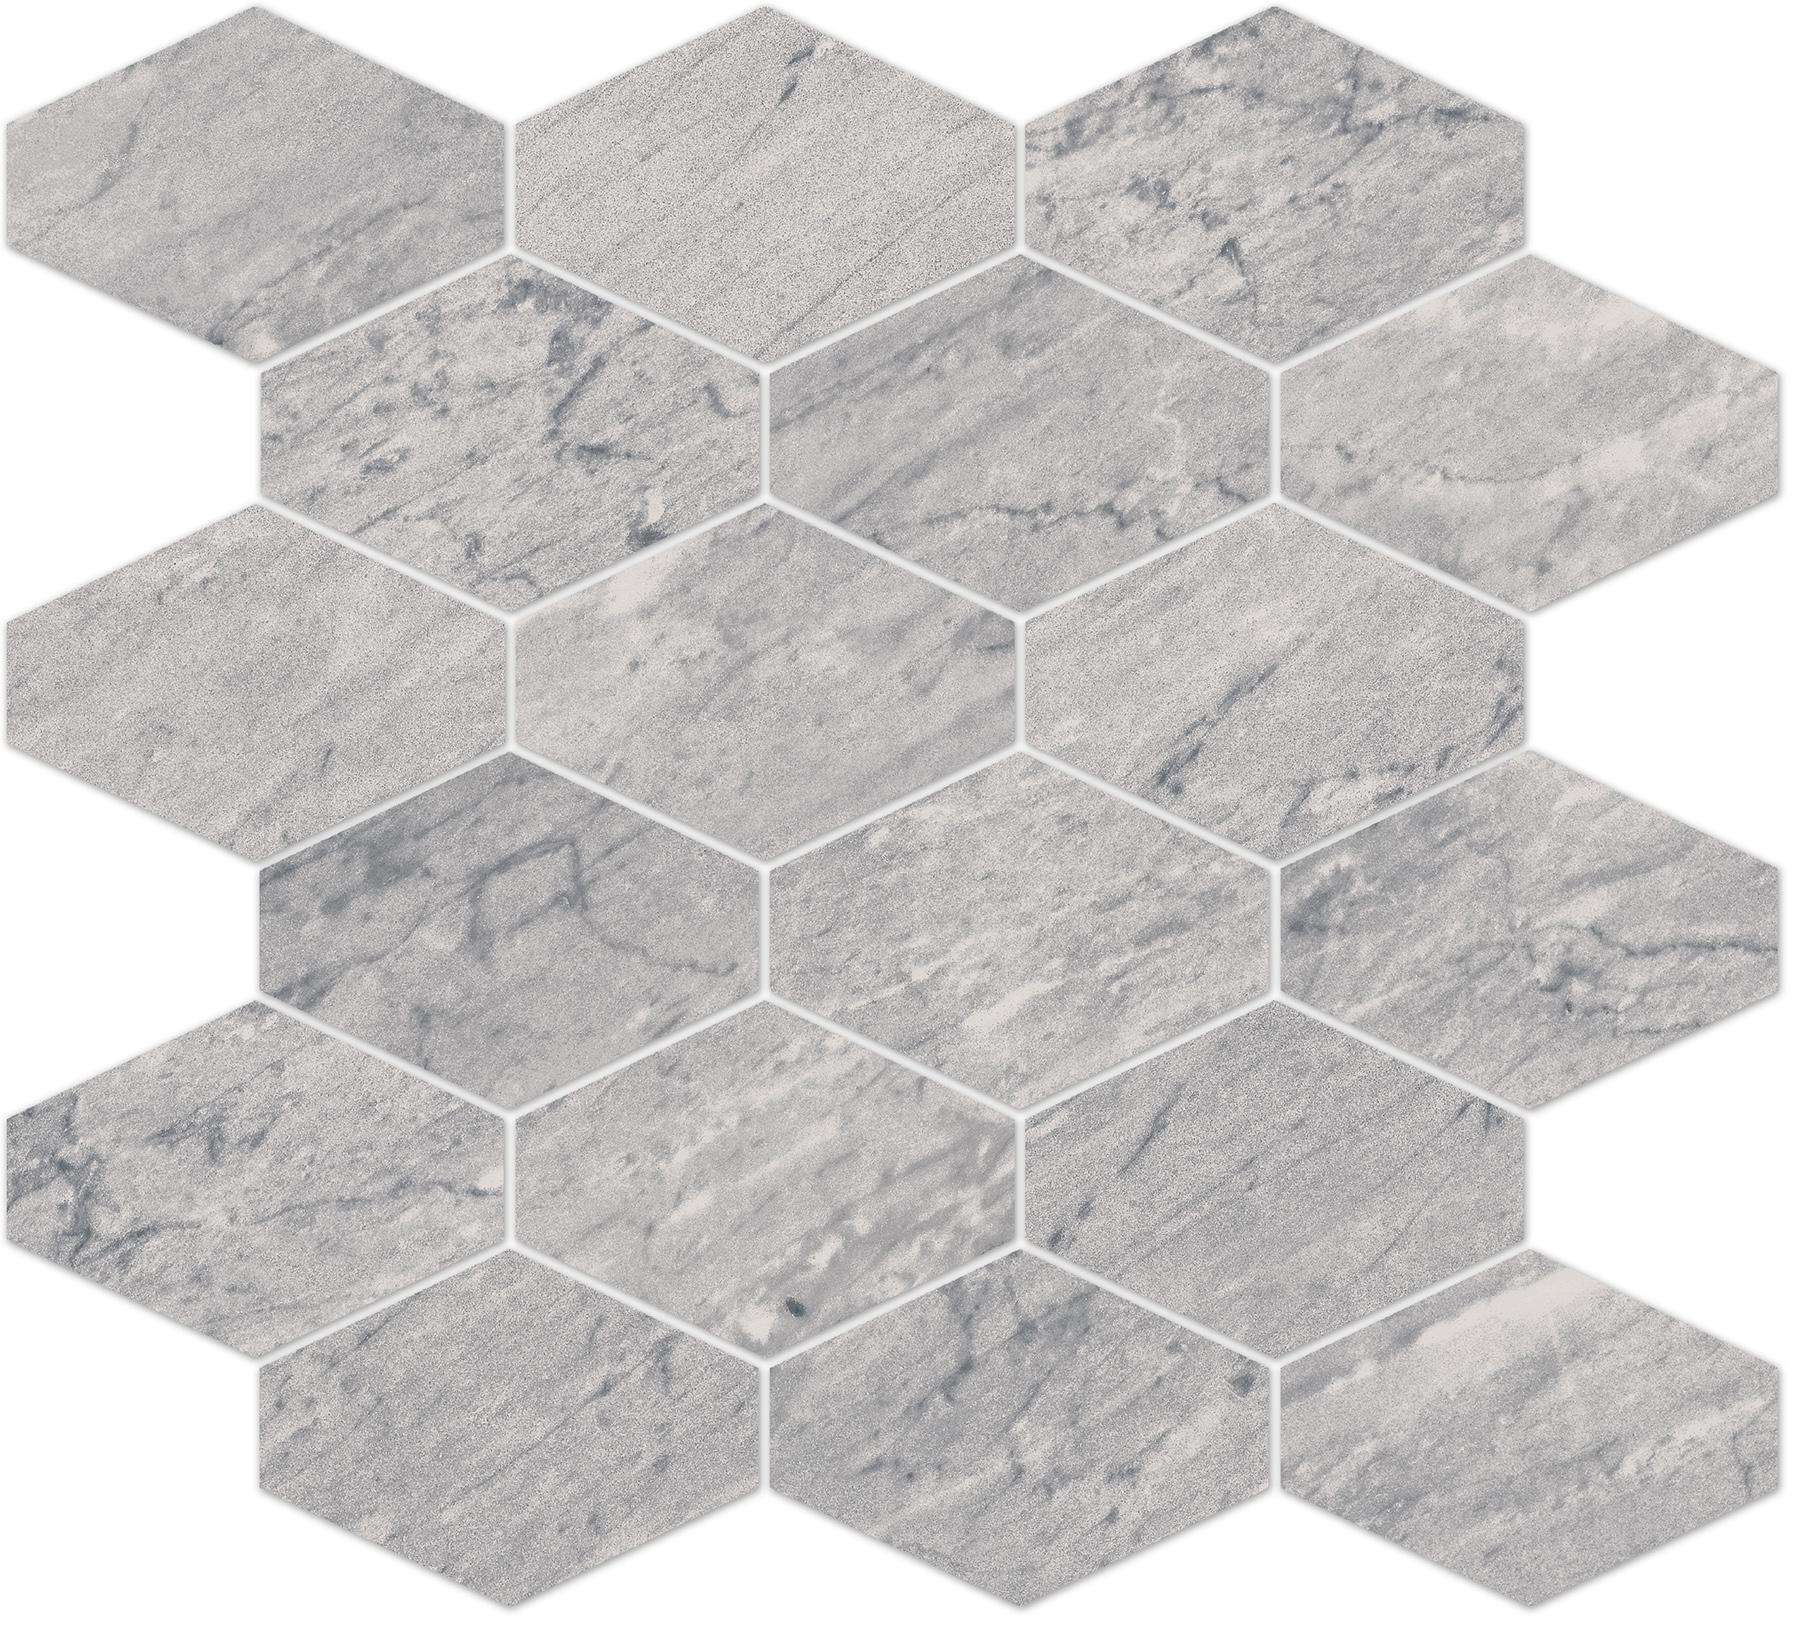 8883/820, Bernini Stone, Harmaa, lattia,mosaiikki